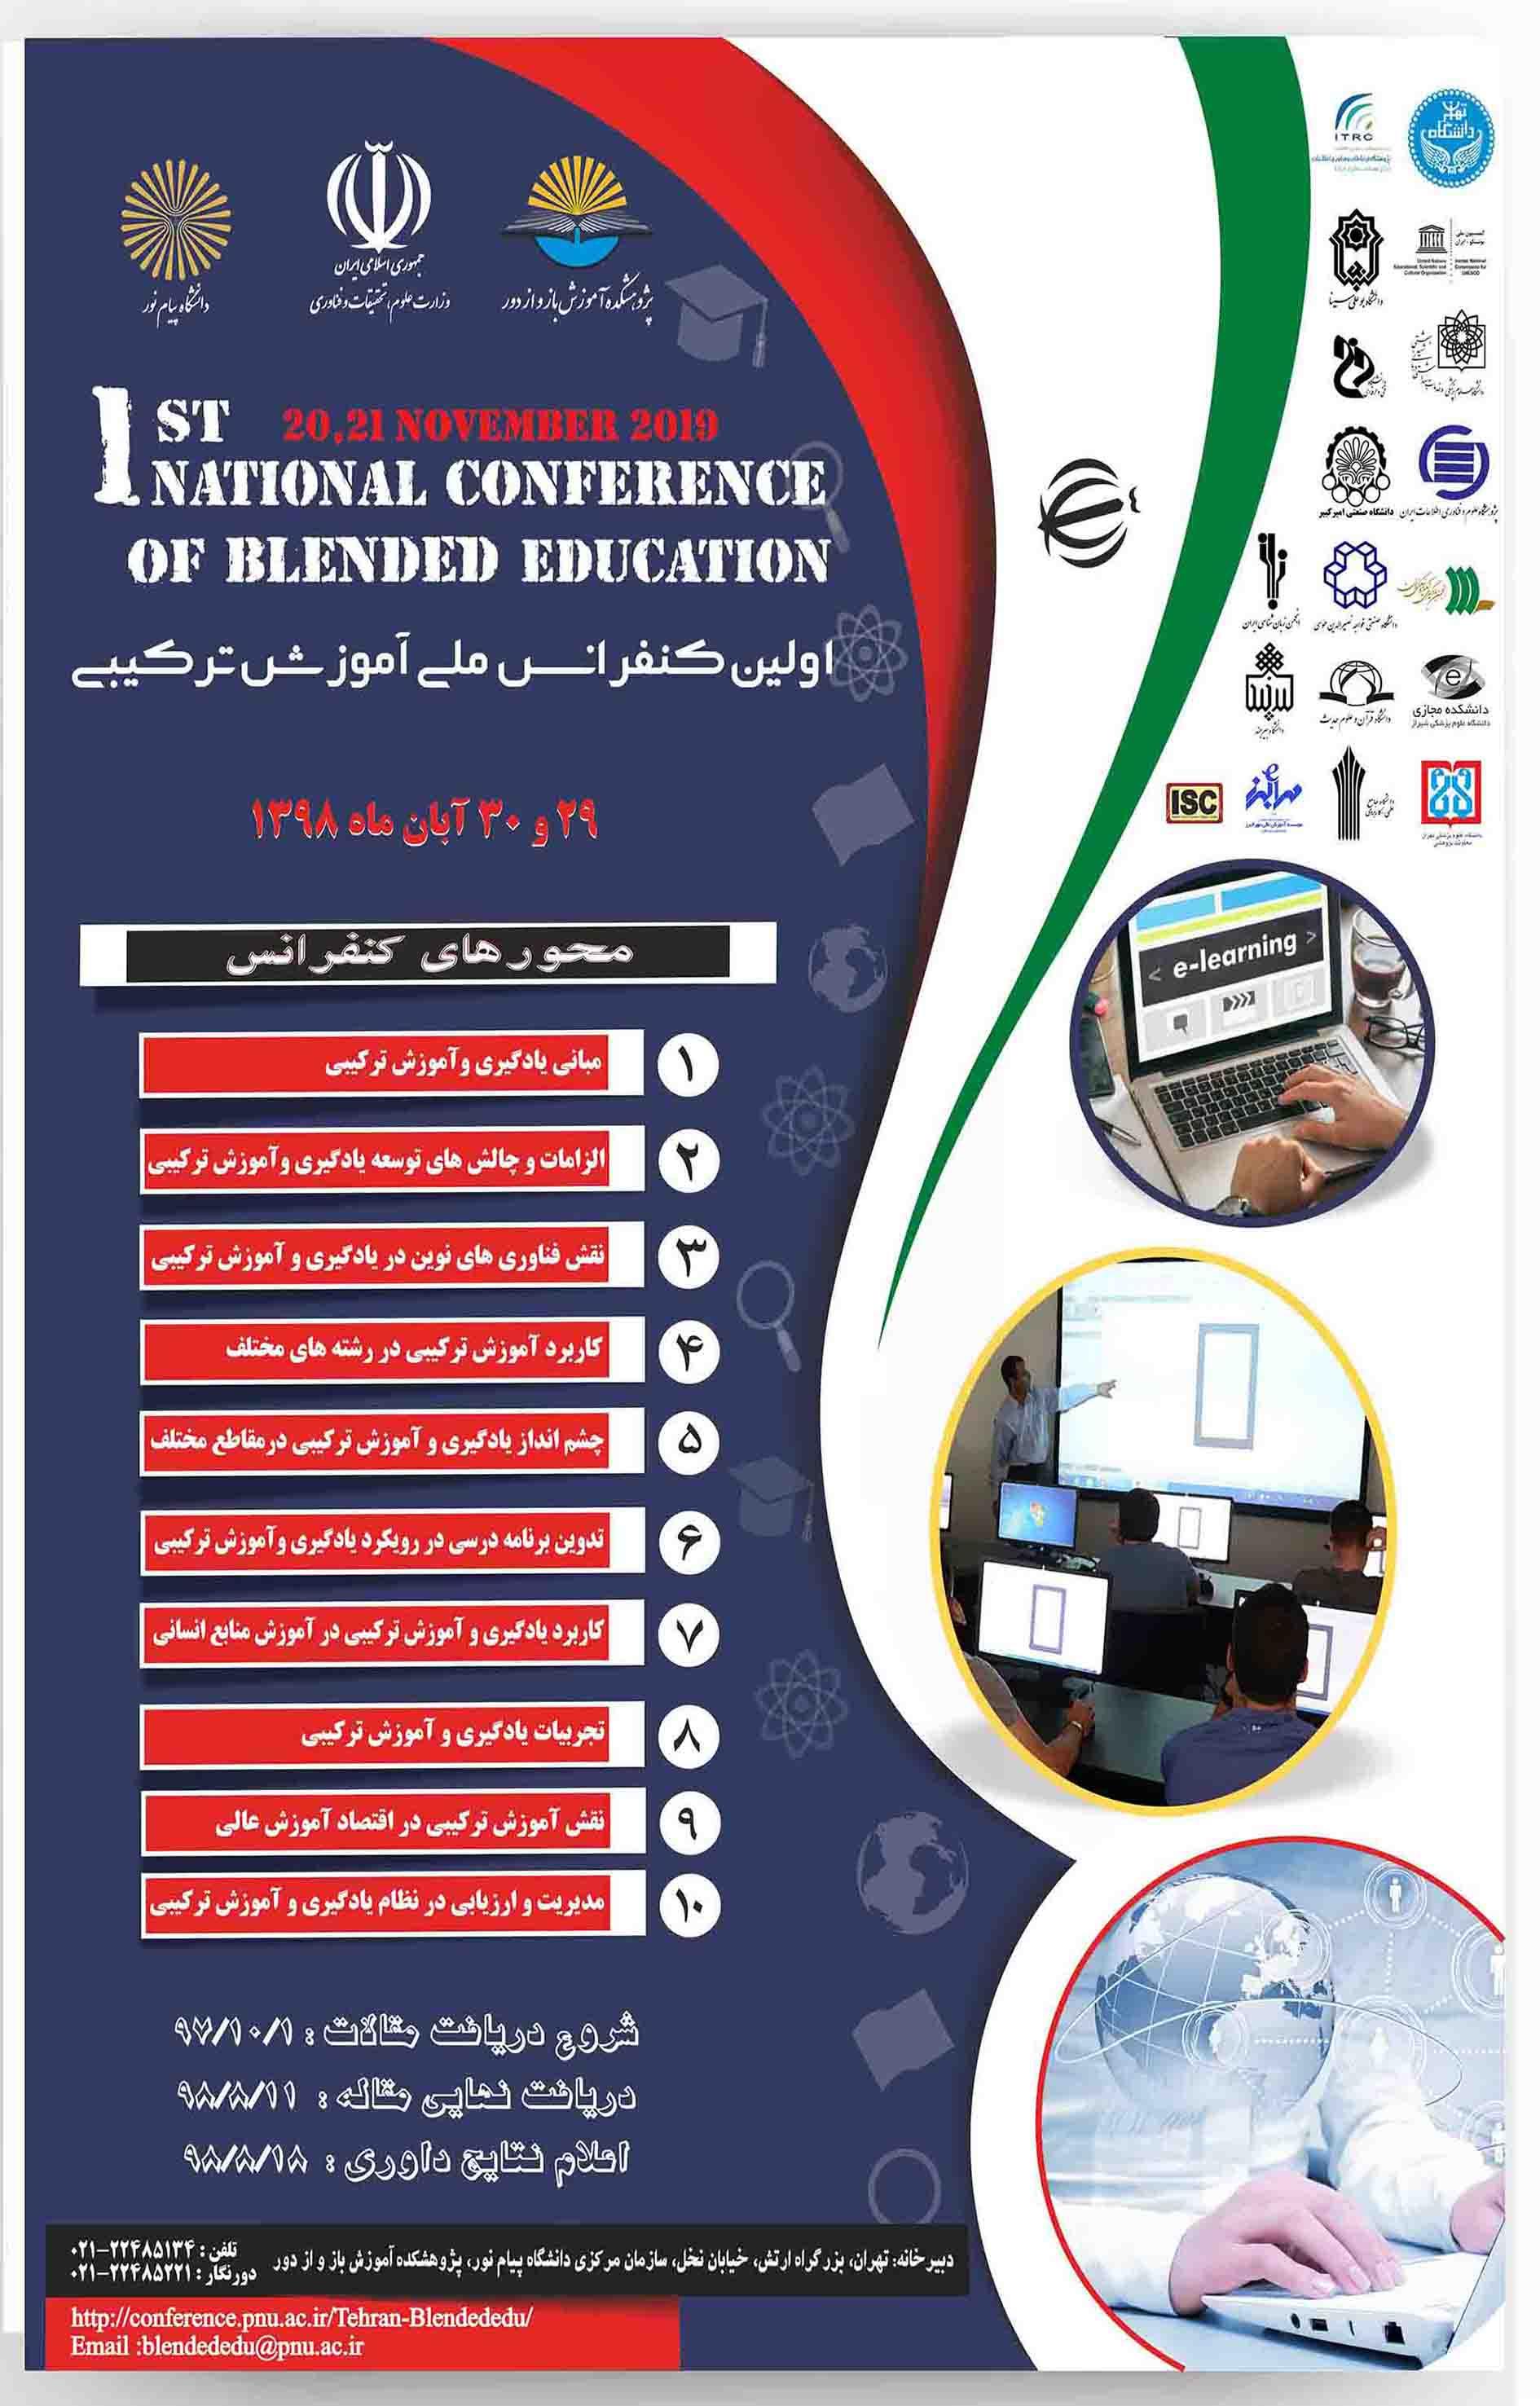 اولین کنفرانس ملی  آموزش ترکیبی ایران